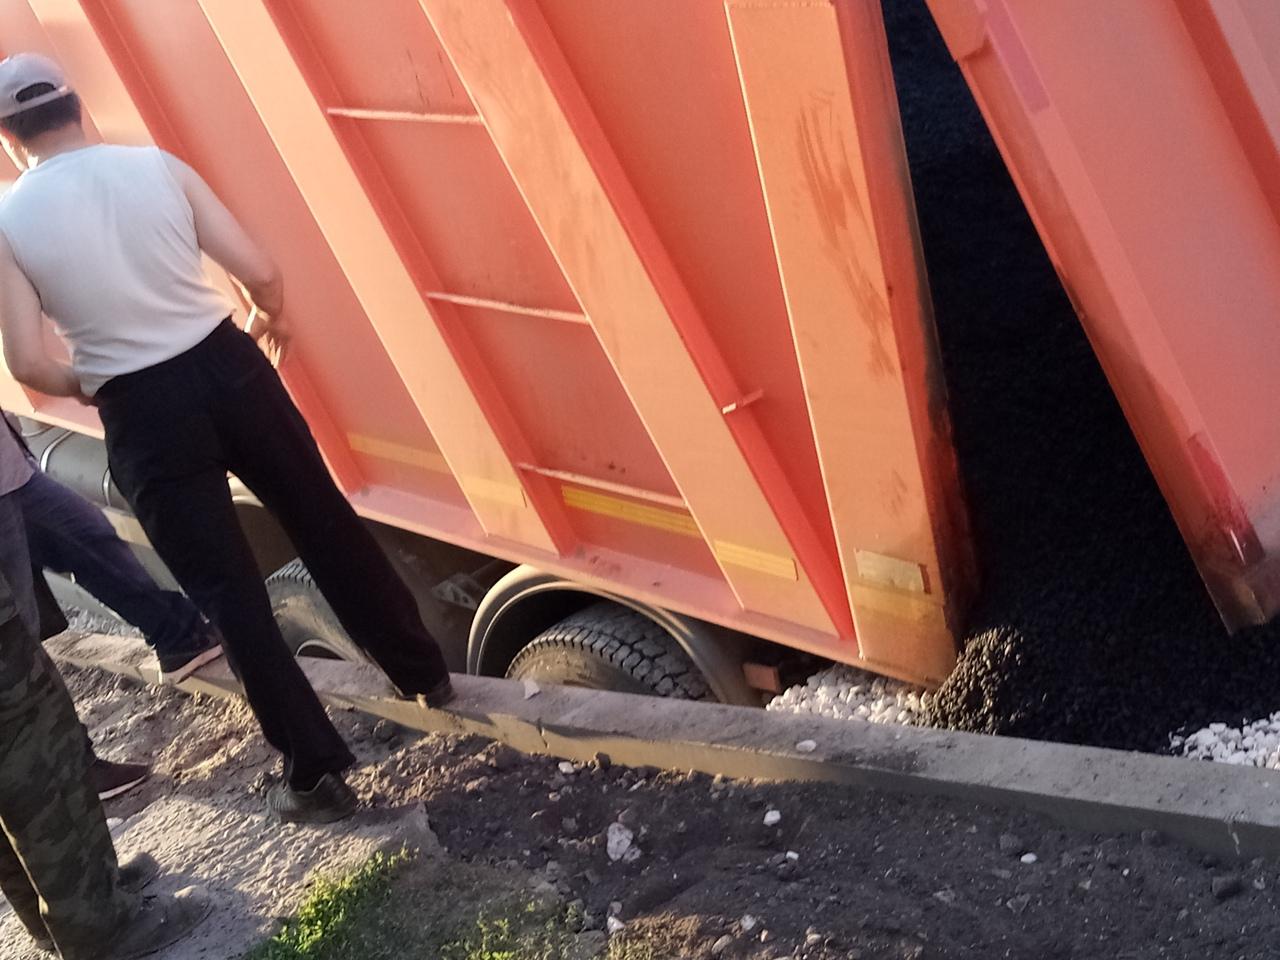 Велика Росія: КамАЗ провалився у яму, для якої привіз асфальт (ВІДЕО) - image kamaz2 on https://kyivtime.co.ua